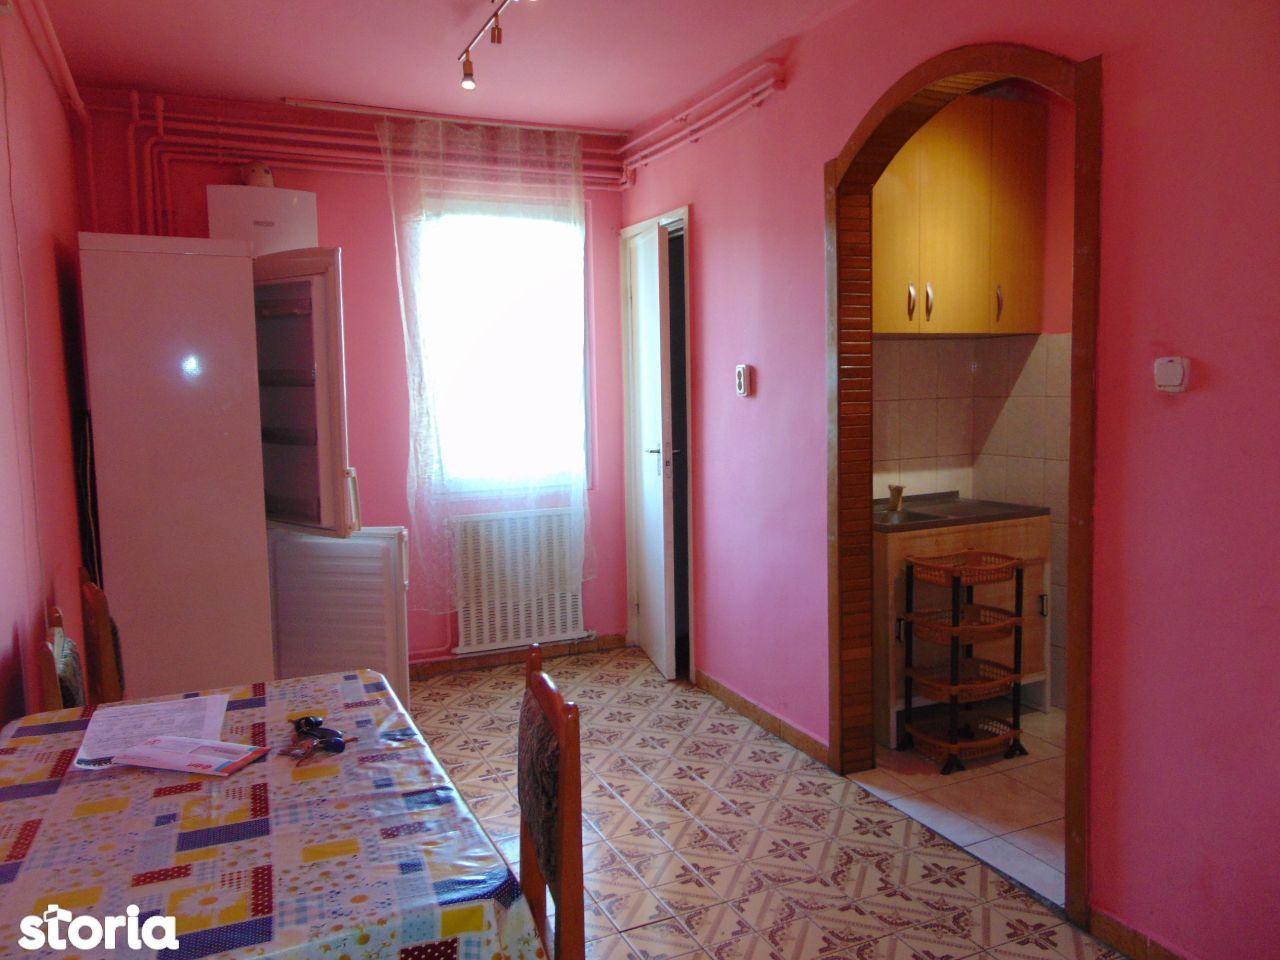 A/221 Apartament cu 2 camere în Tudor, etaj III din IV, zona Diamant